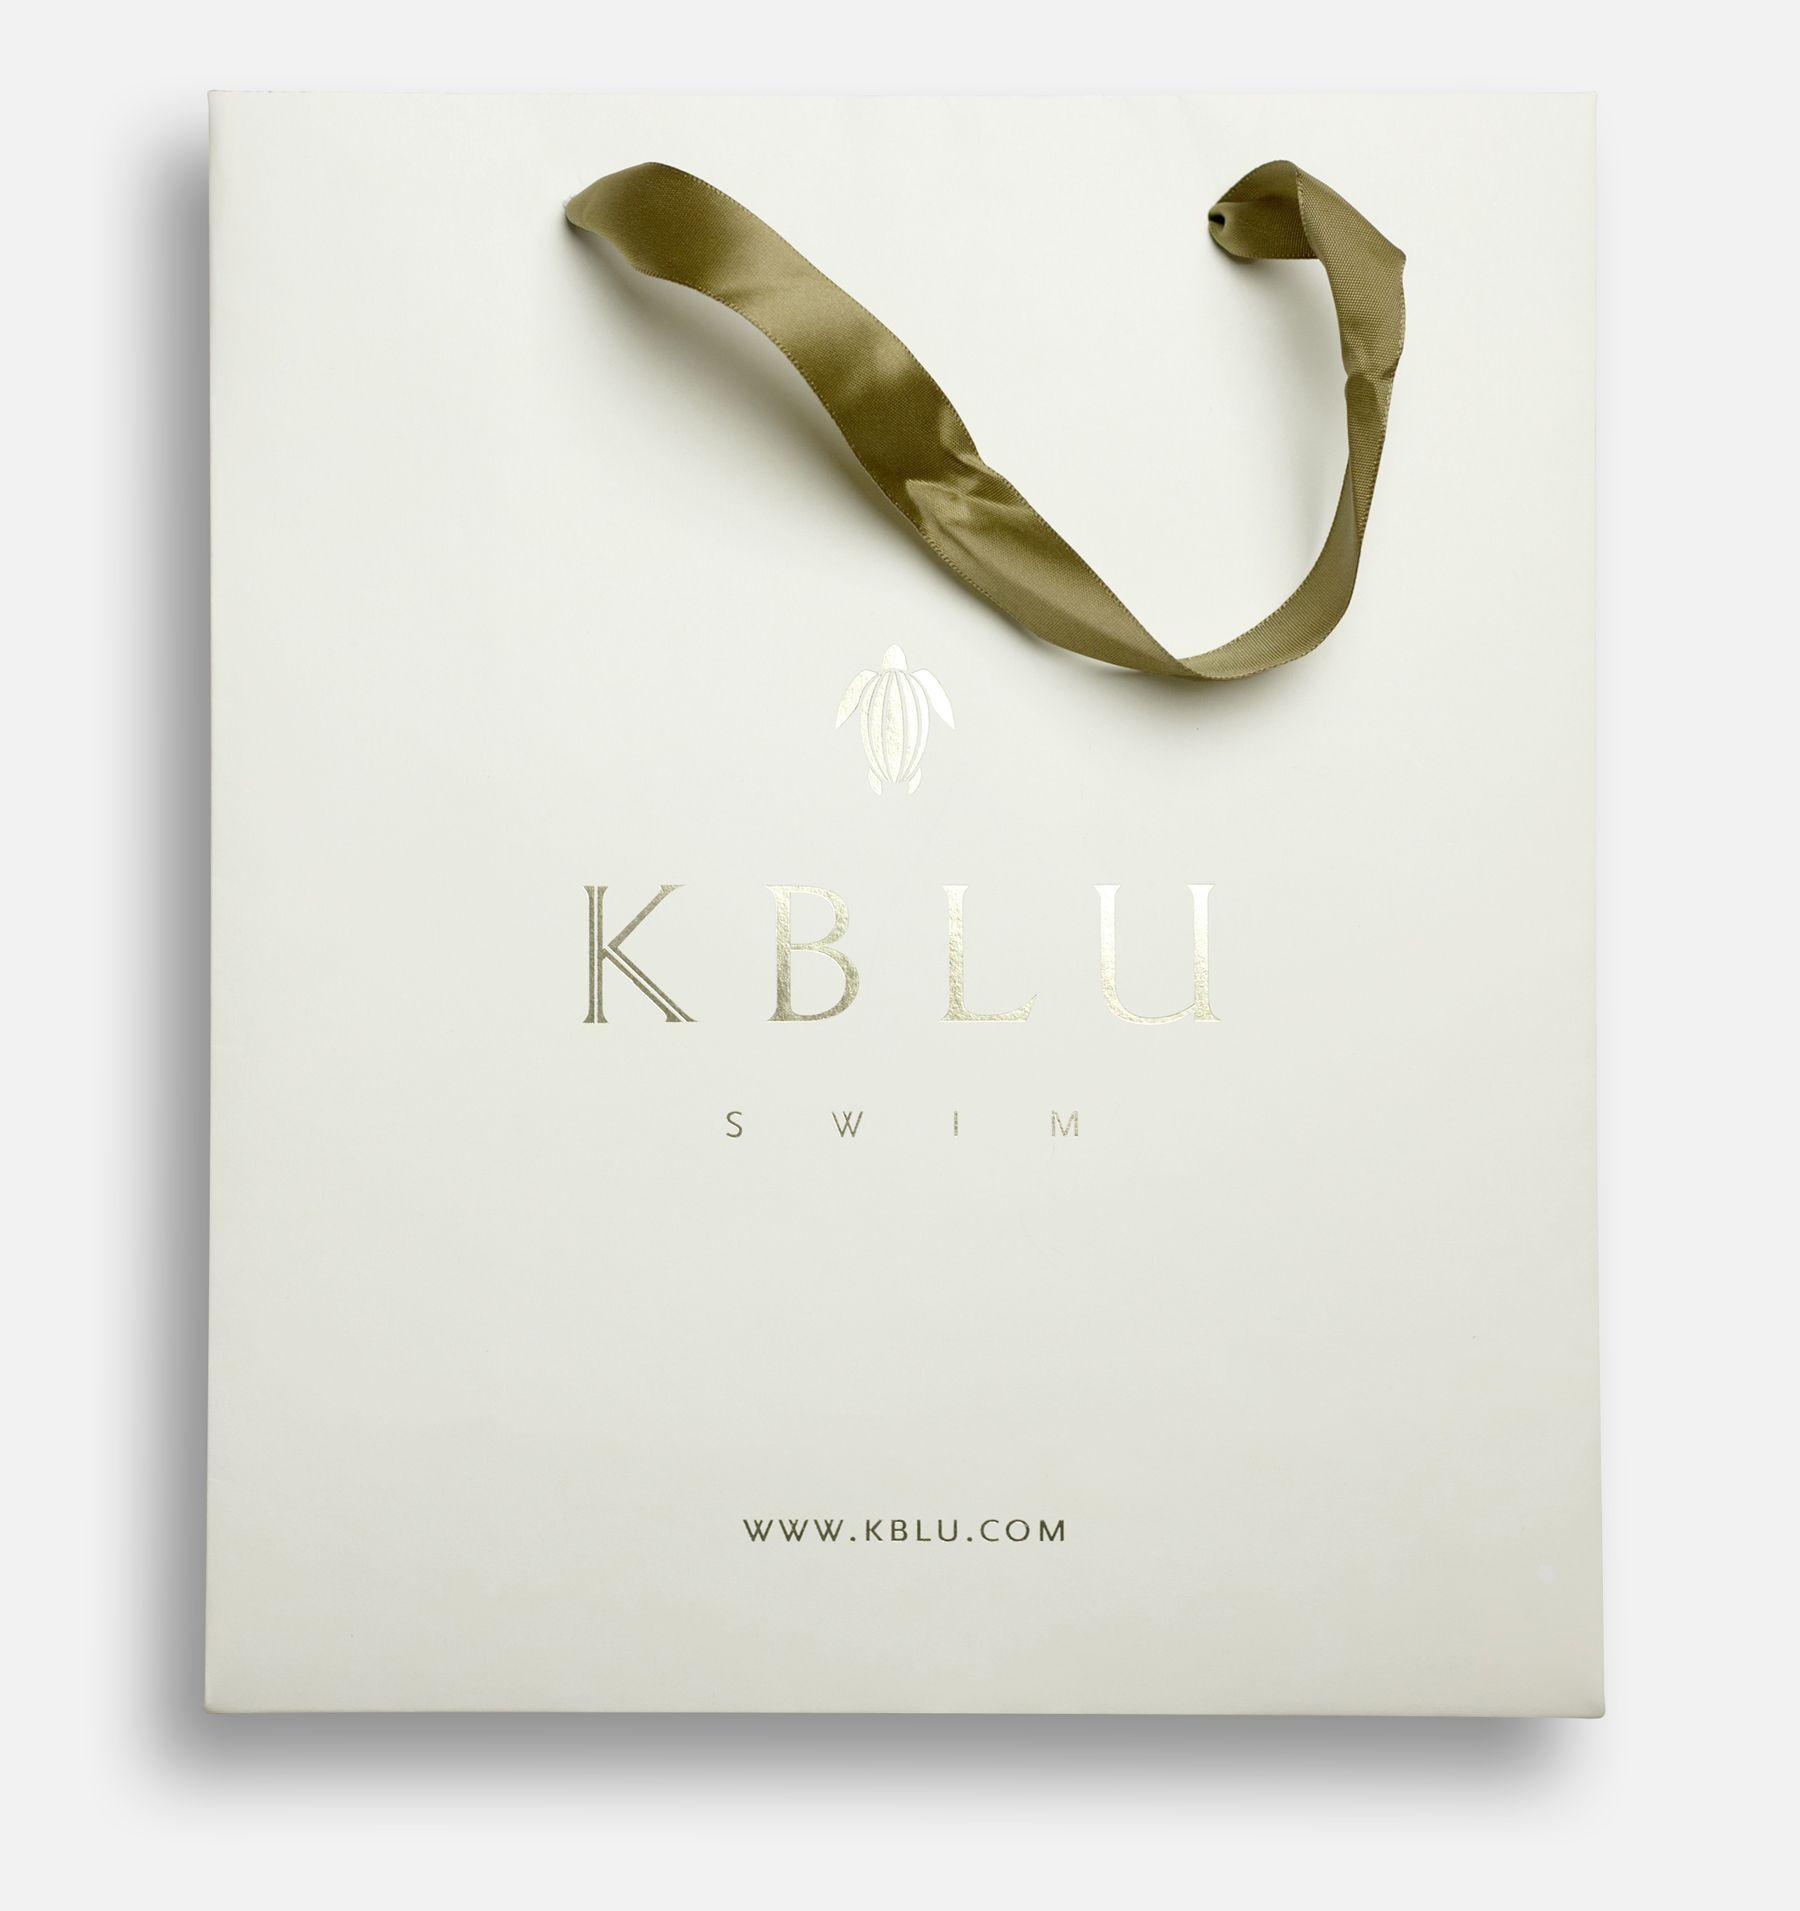 k.blu swimwear logo. branding for a sophisticated swimwear line